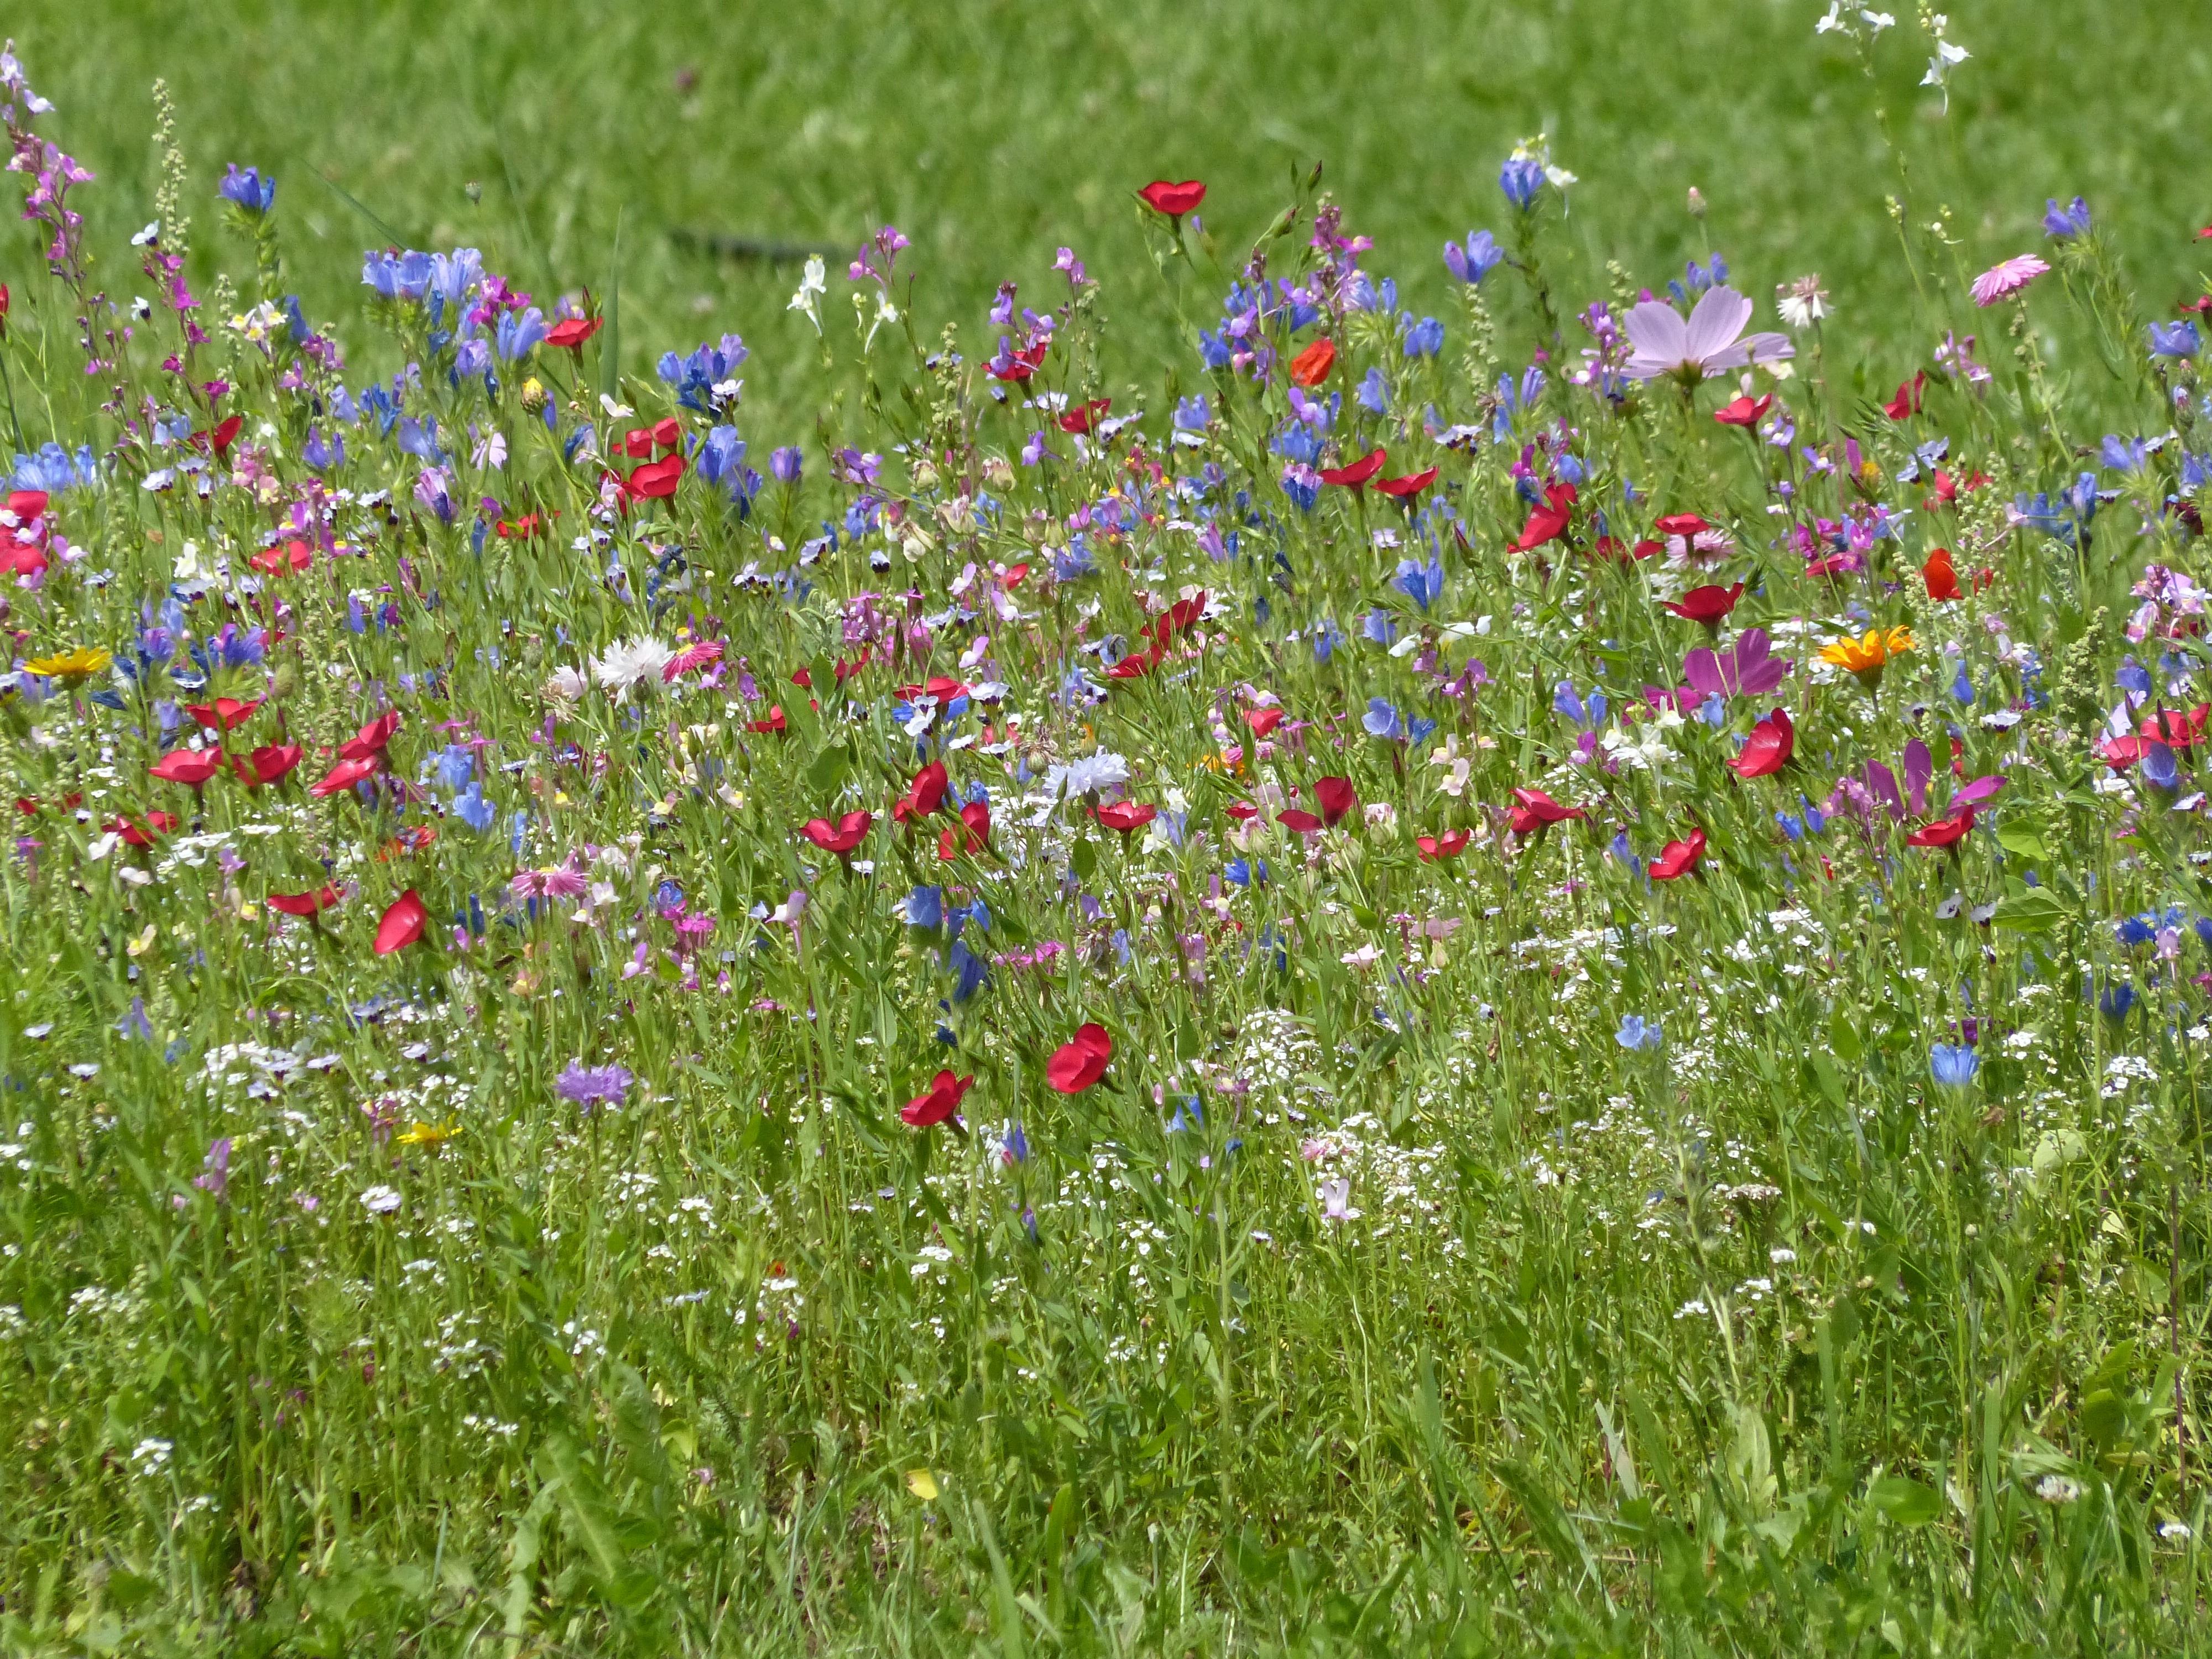 отдельном зале картинки много цветов на лугу личная жизнь обеих